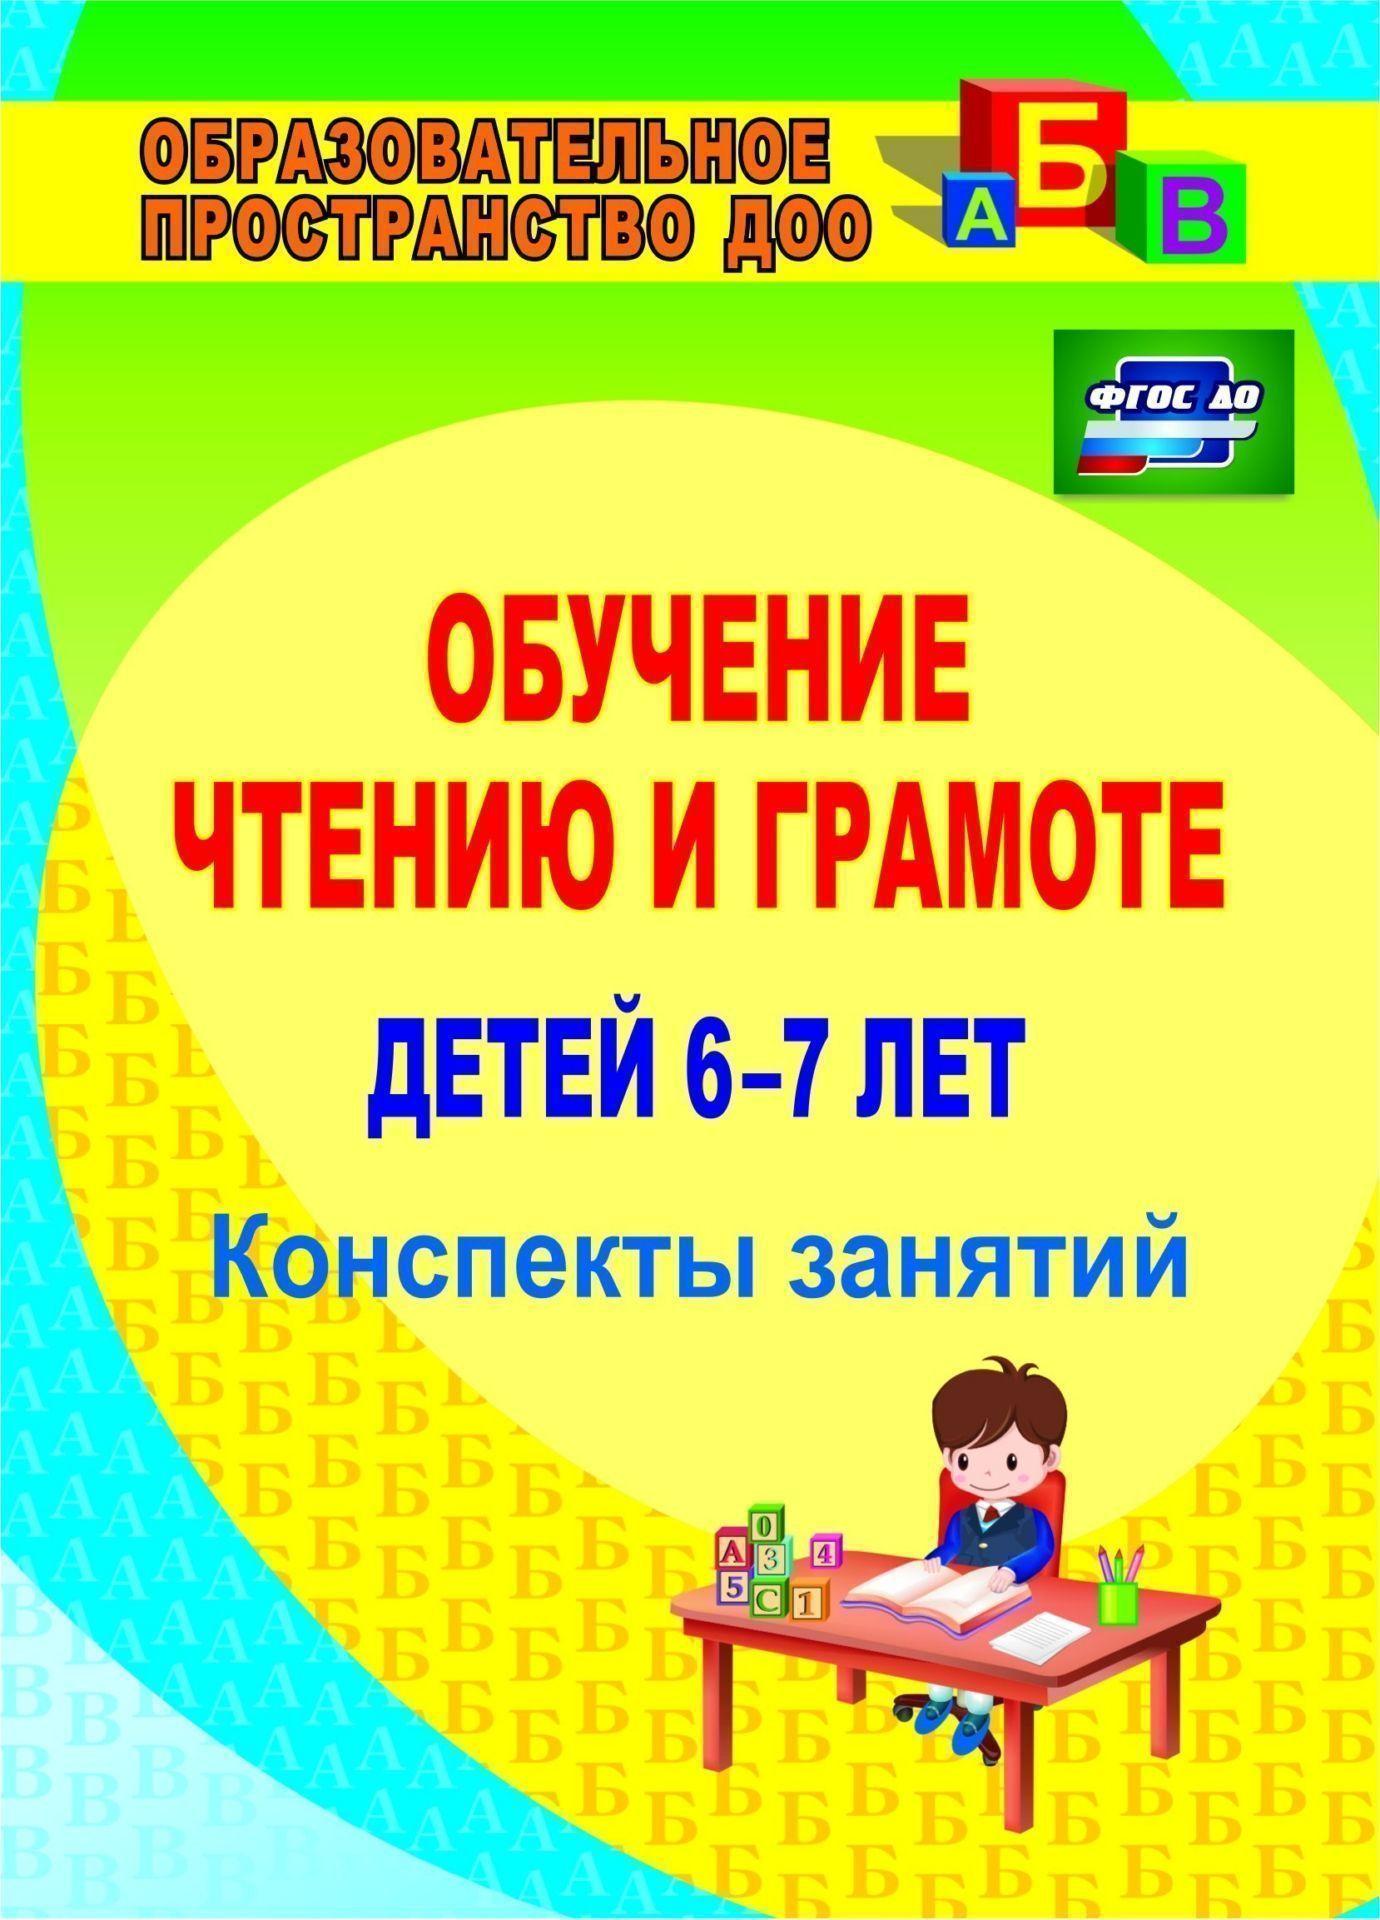 Обучение чтению и грамоте детей 6-7 лет: конспекты занятийЗанятия с детьми дошкольного возраста<br>В предлагаемом пособии представлены занятия по обучению чтению детей 6-7-летнего возраста, в которых на основе положений ФГОС ДО органично сочетаются различные виды детской деятельности, нацеленные на развитие у ребенка фонематического слуха, внимания, мы...<br><br>Авторы: Рыбникова О. М.<br>Год: 2017<br>Серия: Образовательное пространство ДОО<br>ISBN: 978-5-7057-4334-6, 978-5-91651-113-0<br>Высота: 195<br>Ширина: 140<br>Толщина: 4<br>Переплёт: мягкая, скрепка